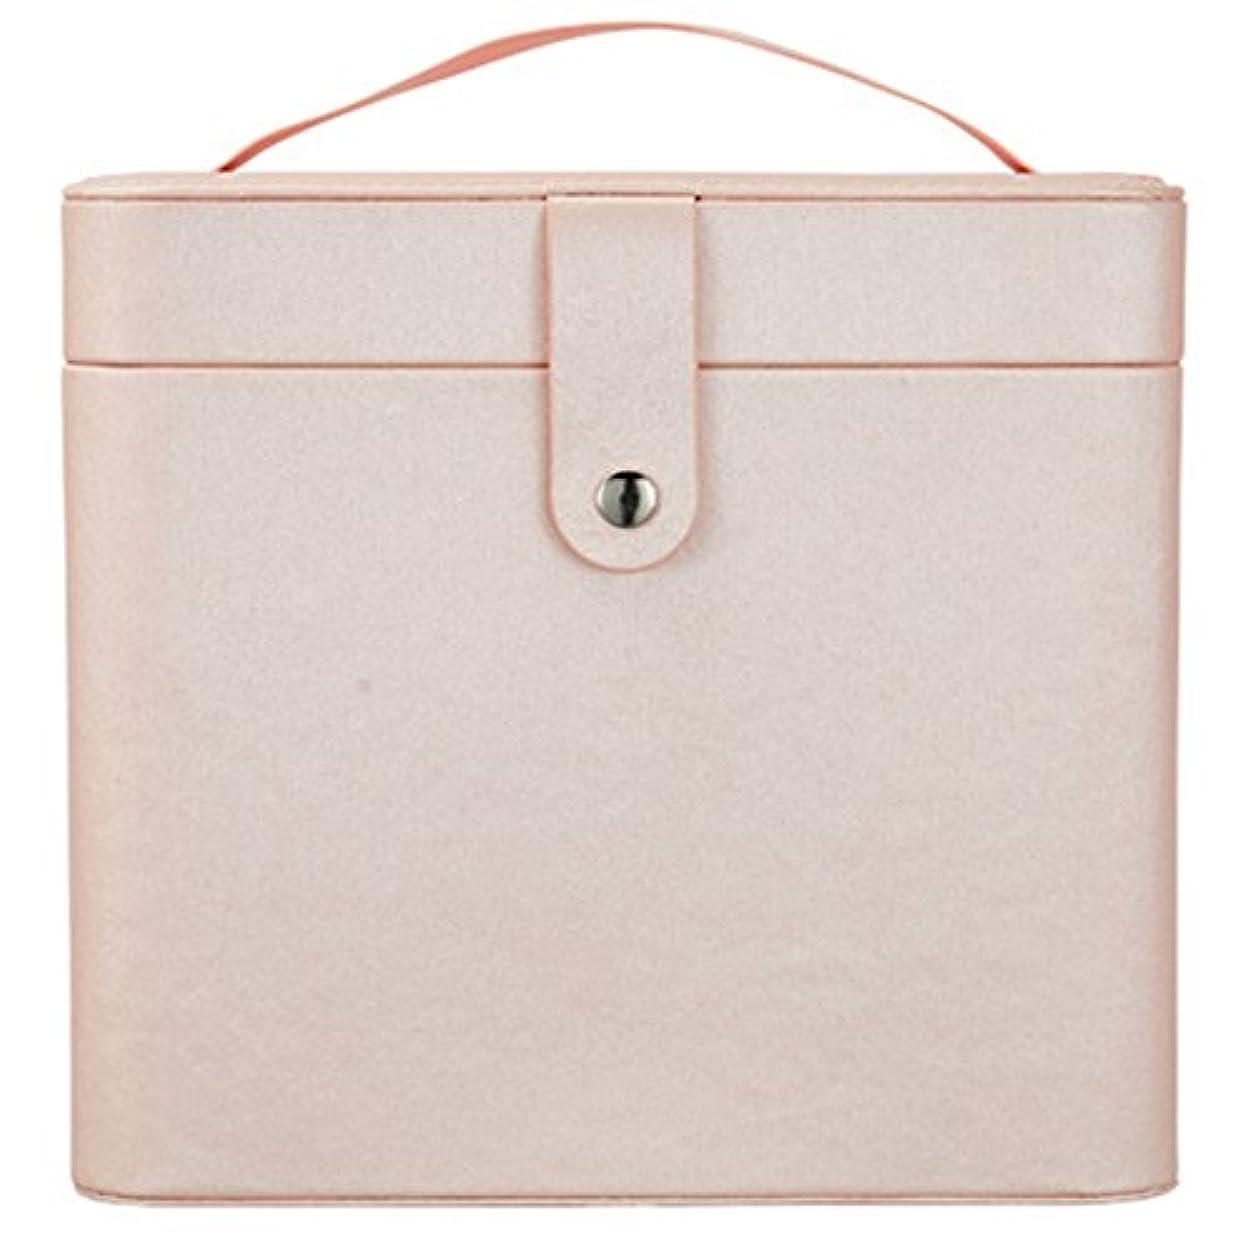 酔っ払いうまくやる()取得化粧オーガナイザーバッグ 裸のピンクのポータブル化粧品バッグ、美容メイクアップ用の小さなものの種類の旅行のための化粧鏡 化粧品ケース